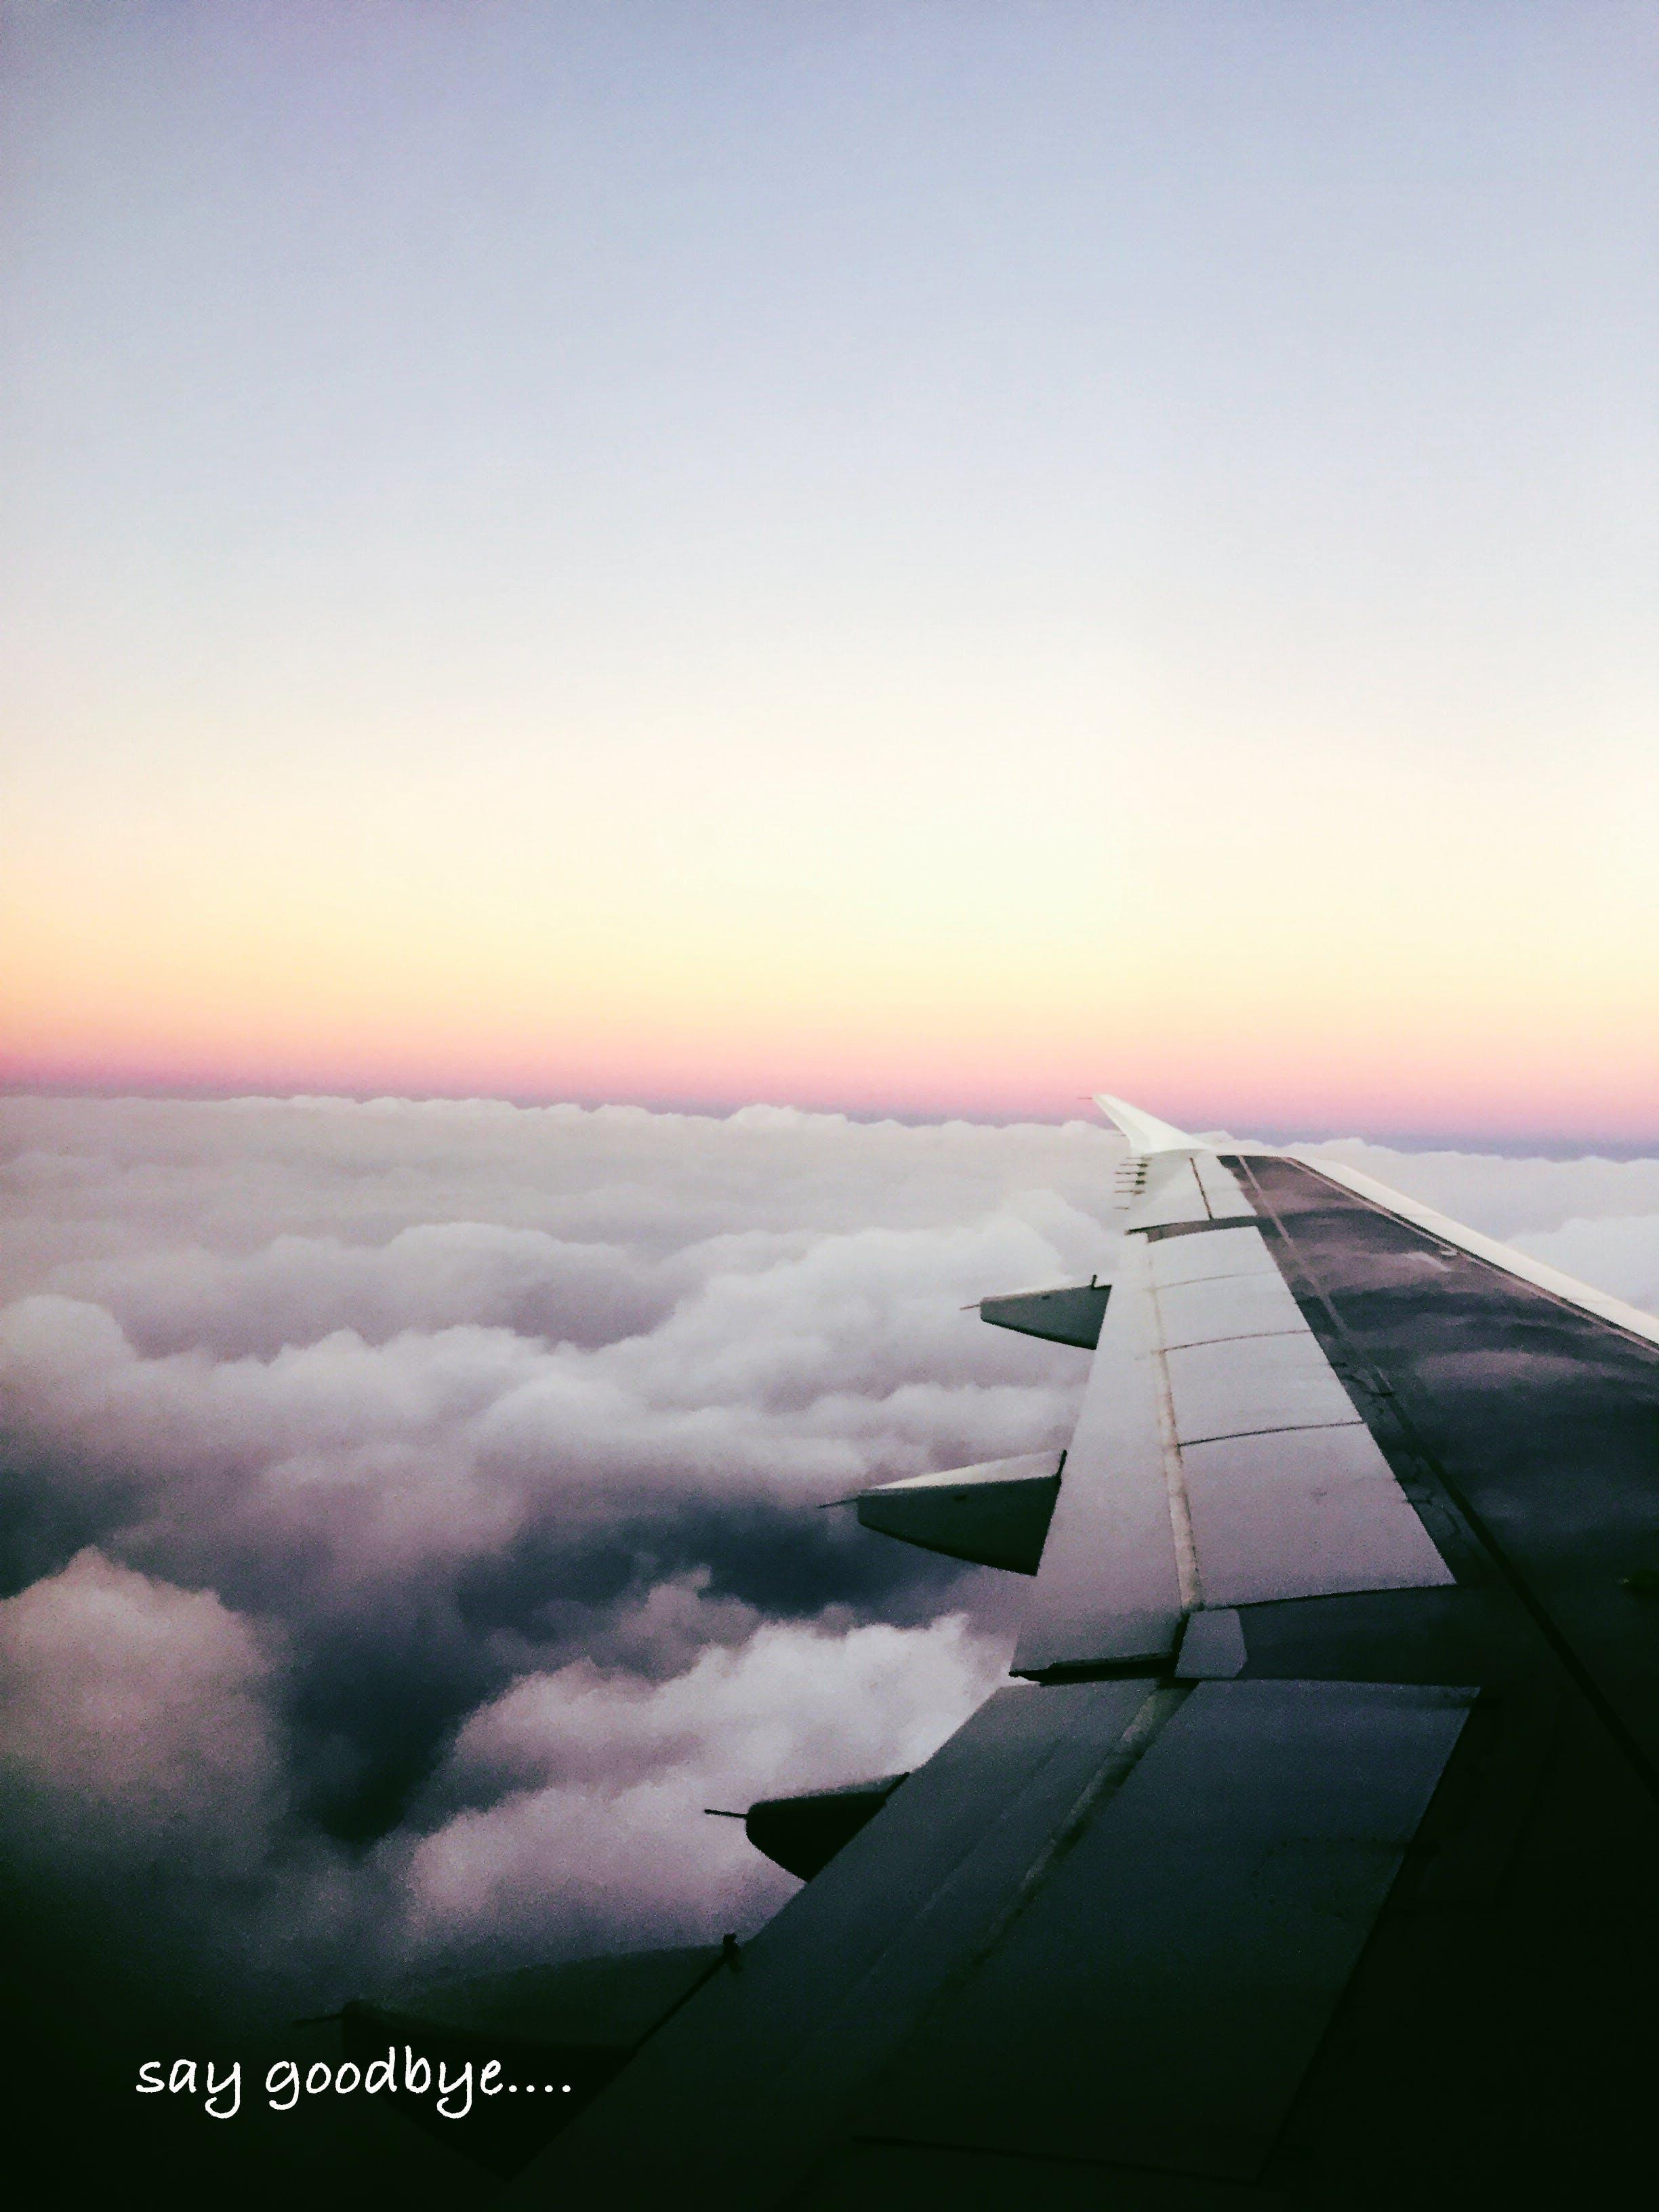 Δωρεάν στοκ φωτογραφιών με αεροπλάνο, σύννεφο